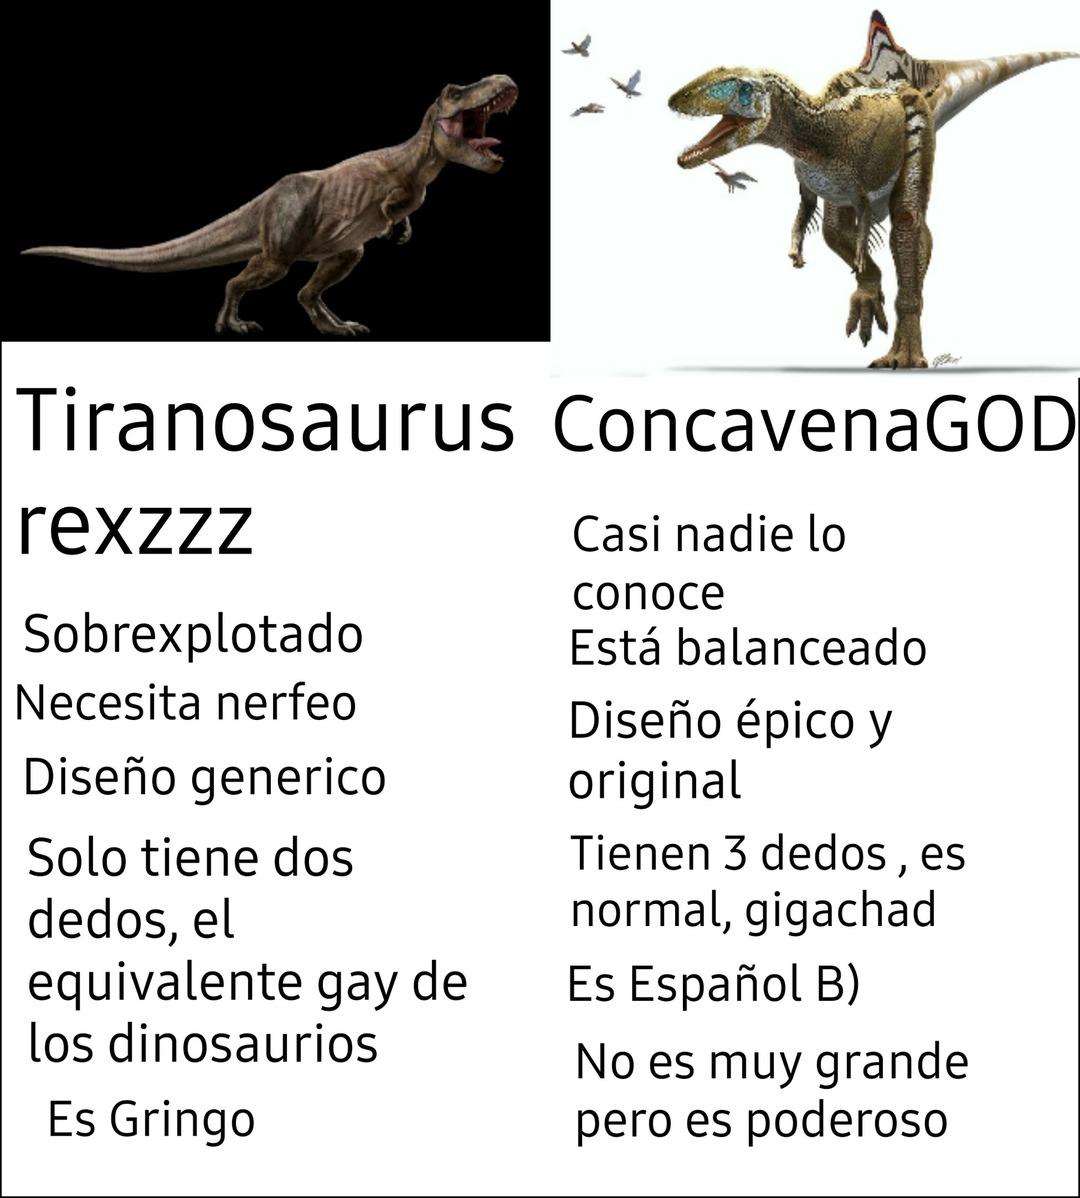 Concavenator = :gigachad: - meme